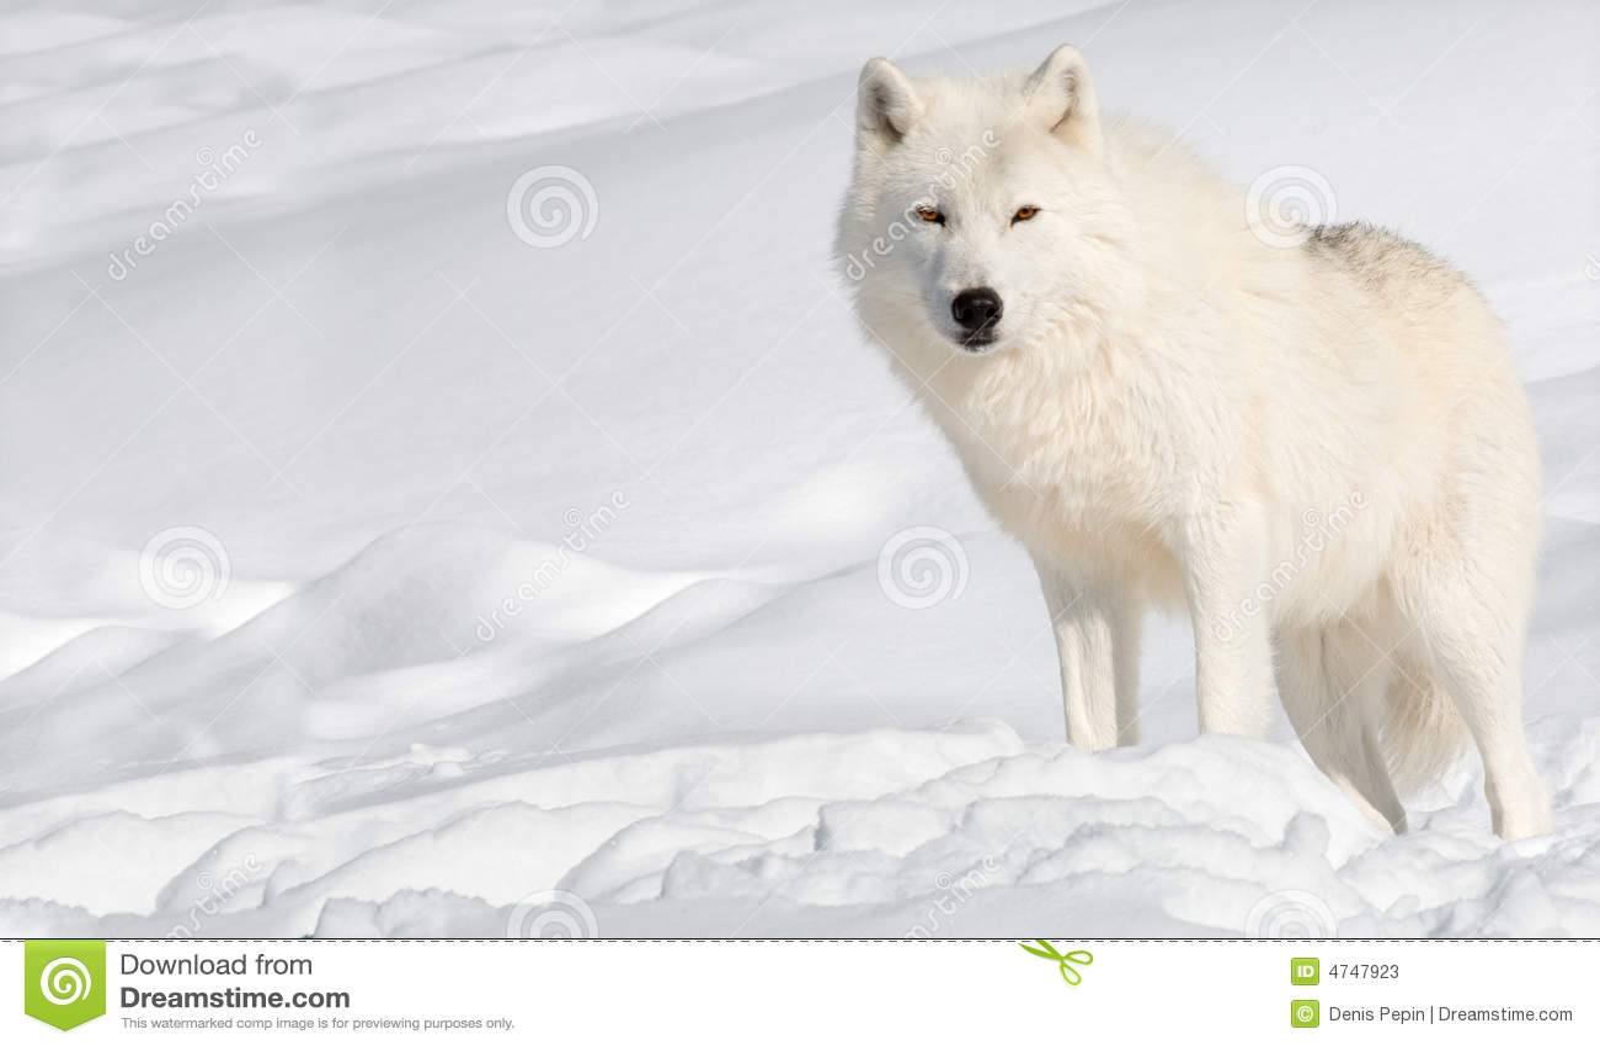 Noordpool Wolf in de Sneeuw die Camera bekijkt